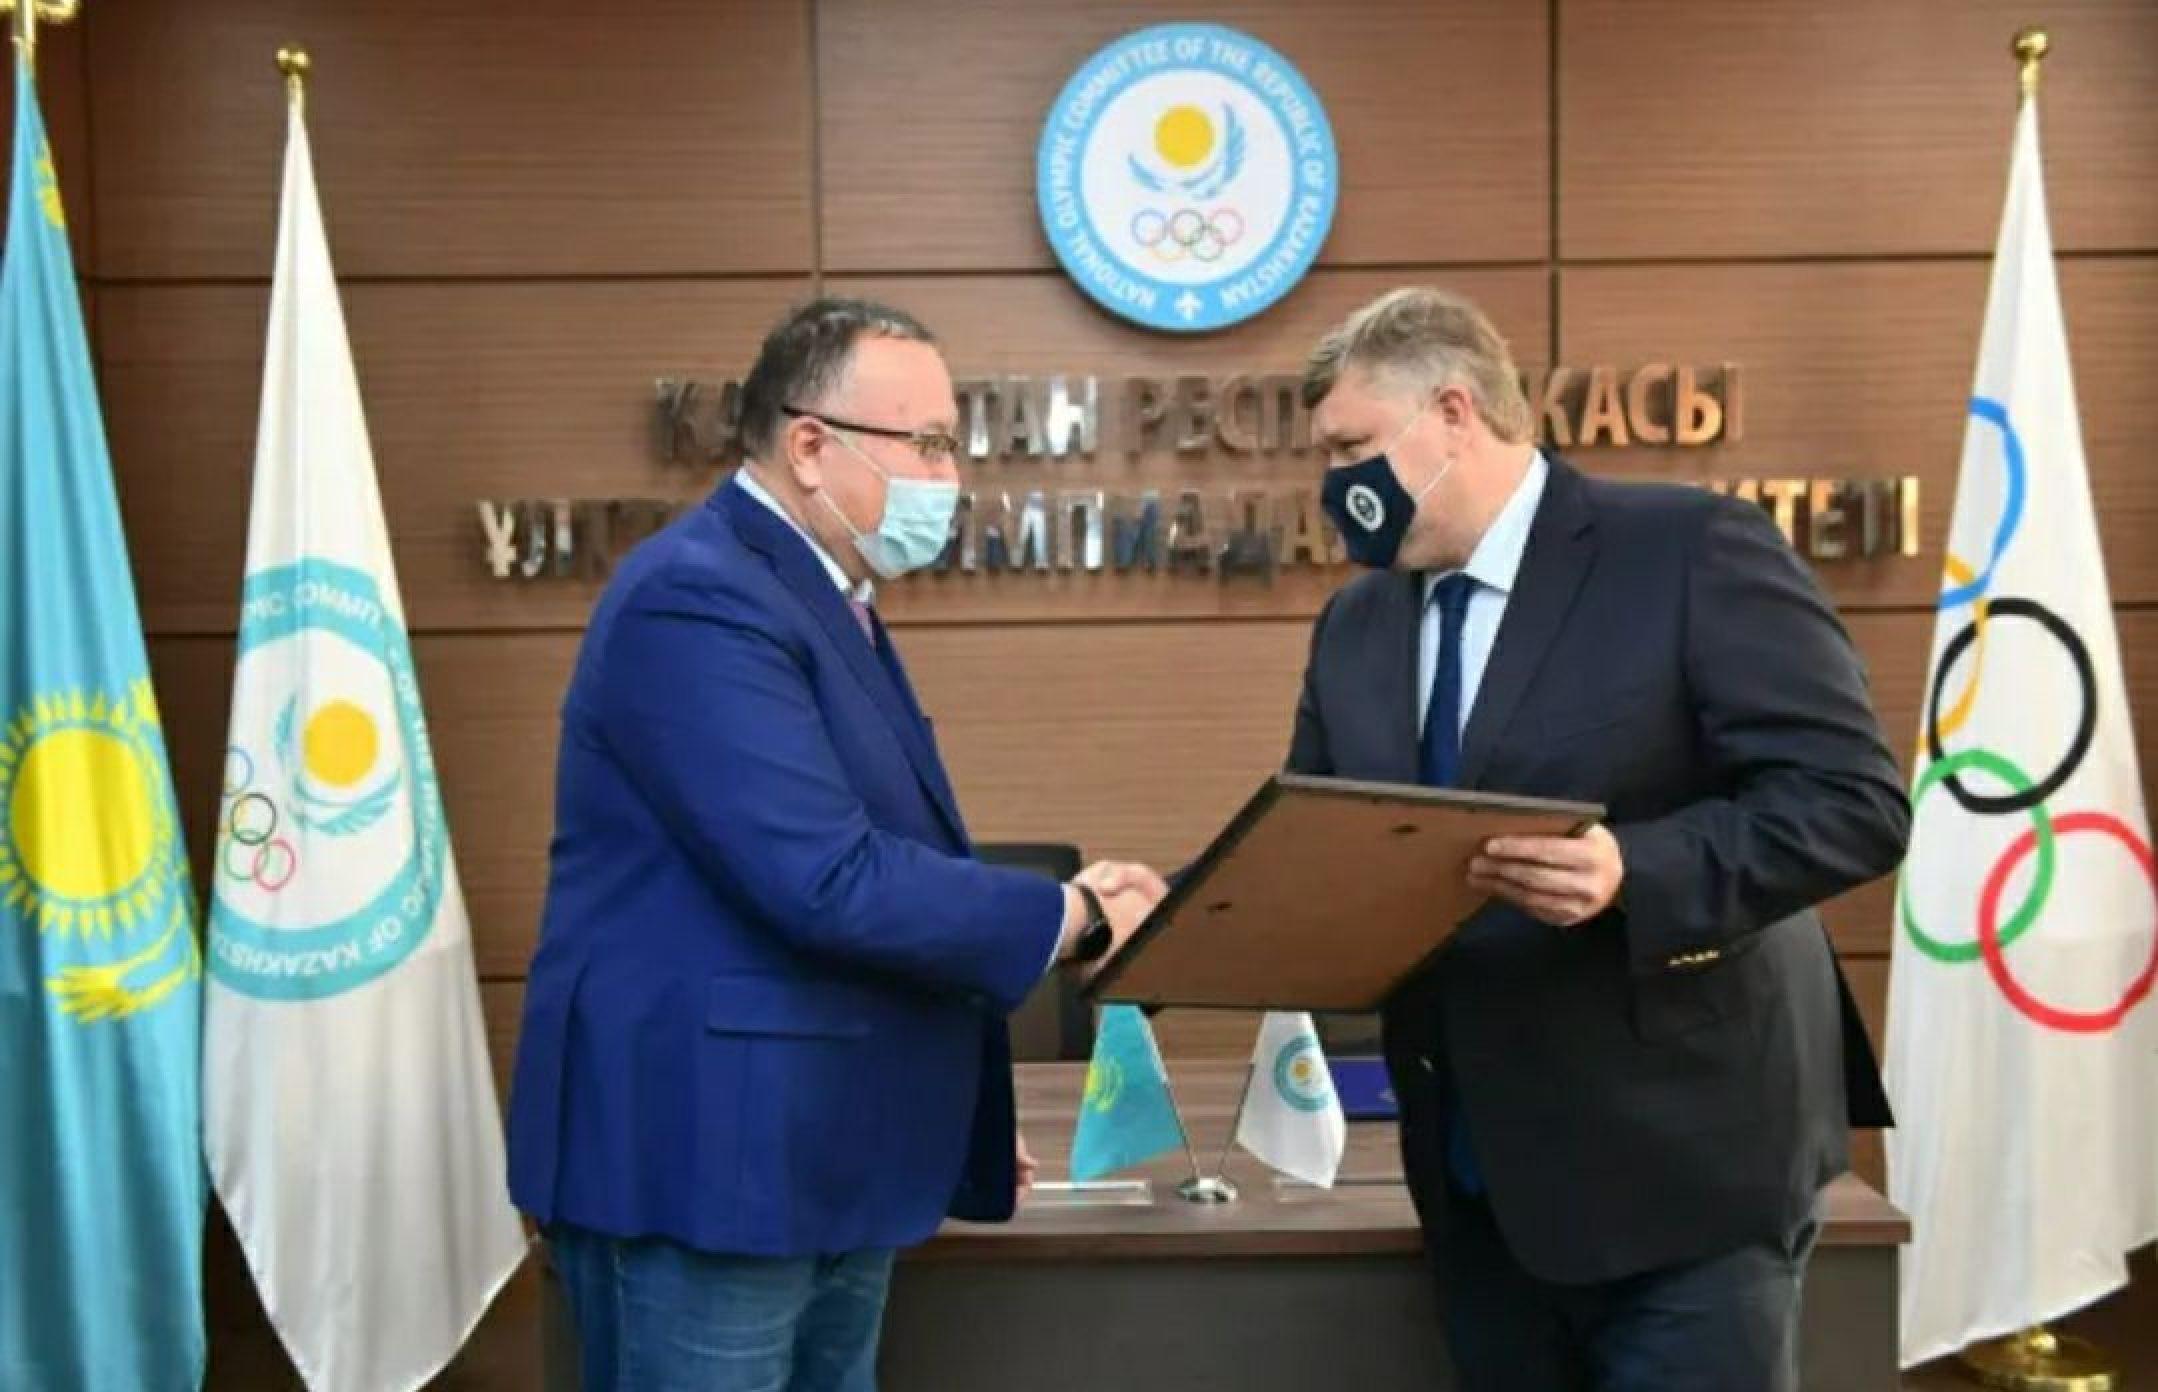 Киберспорт в Казахстане: как будут проходить соревнования и награждаться участники